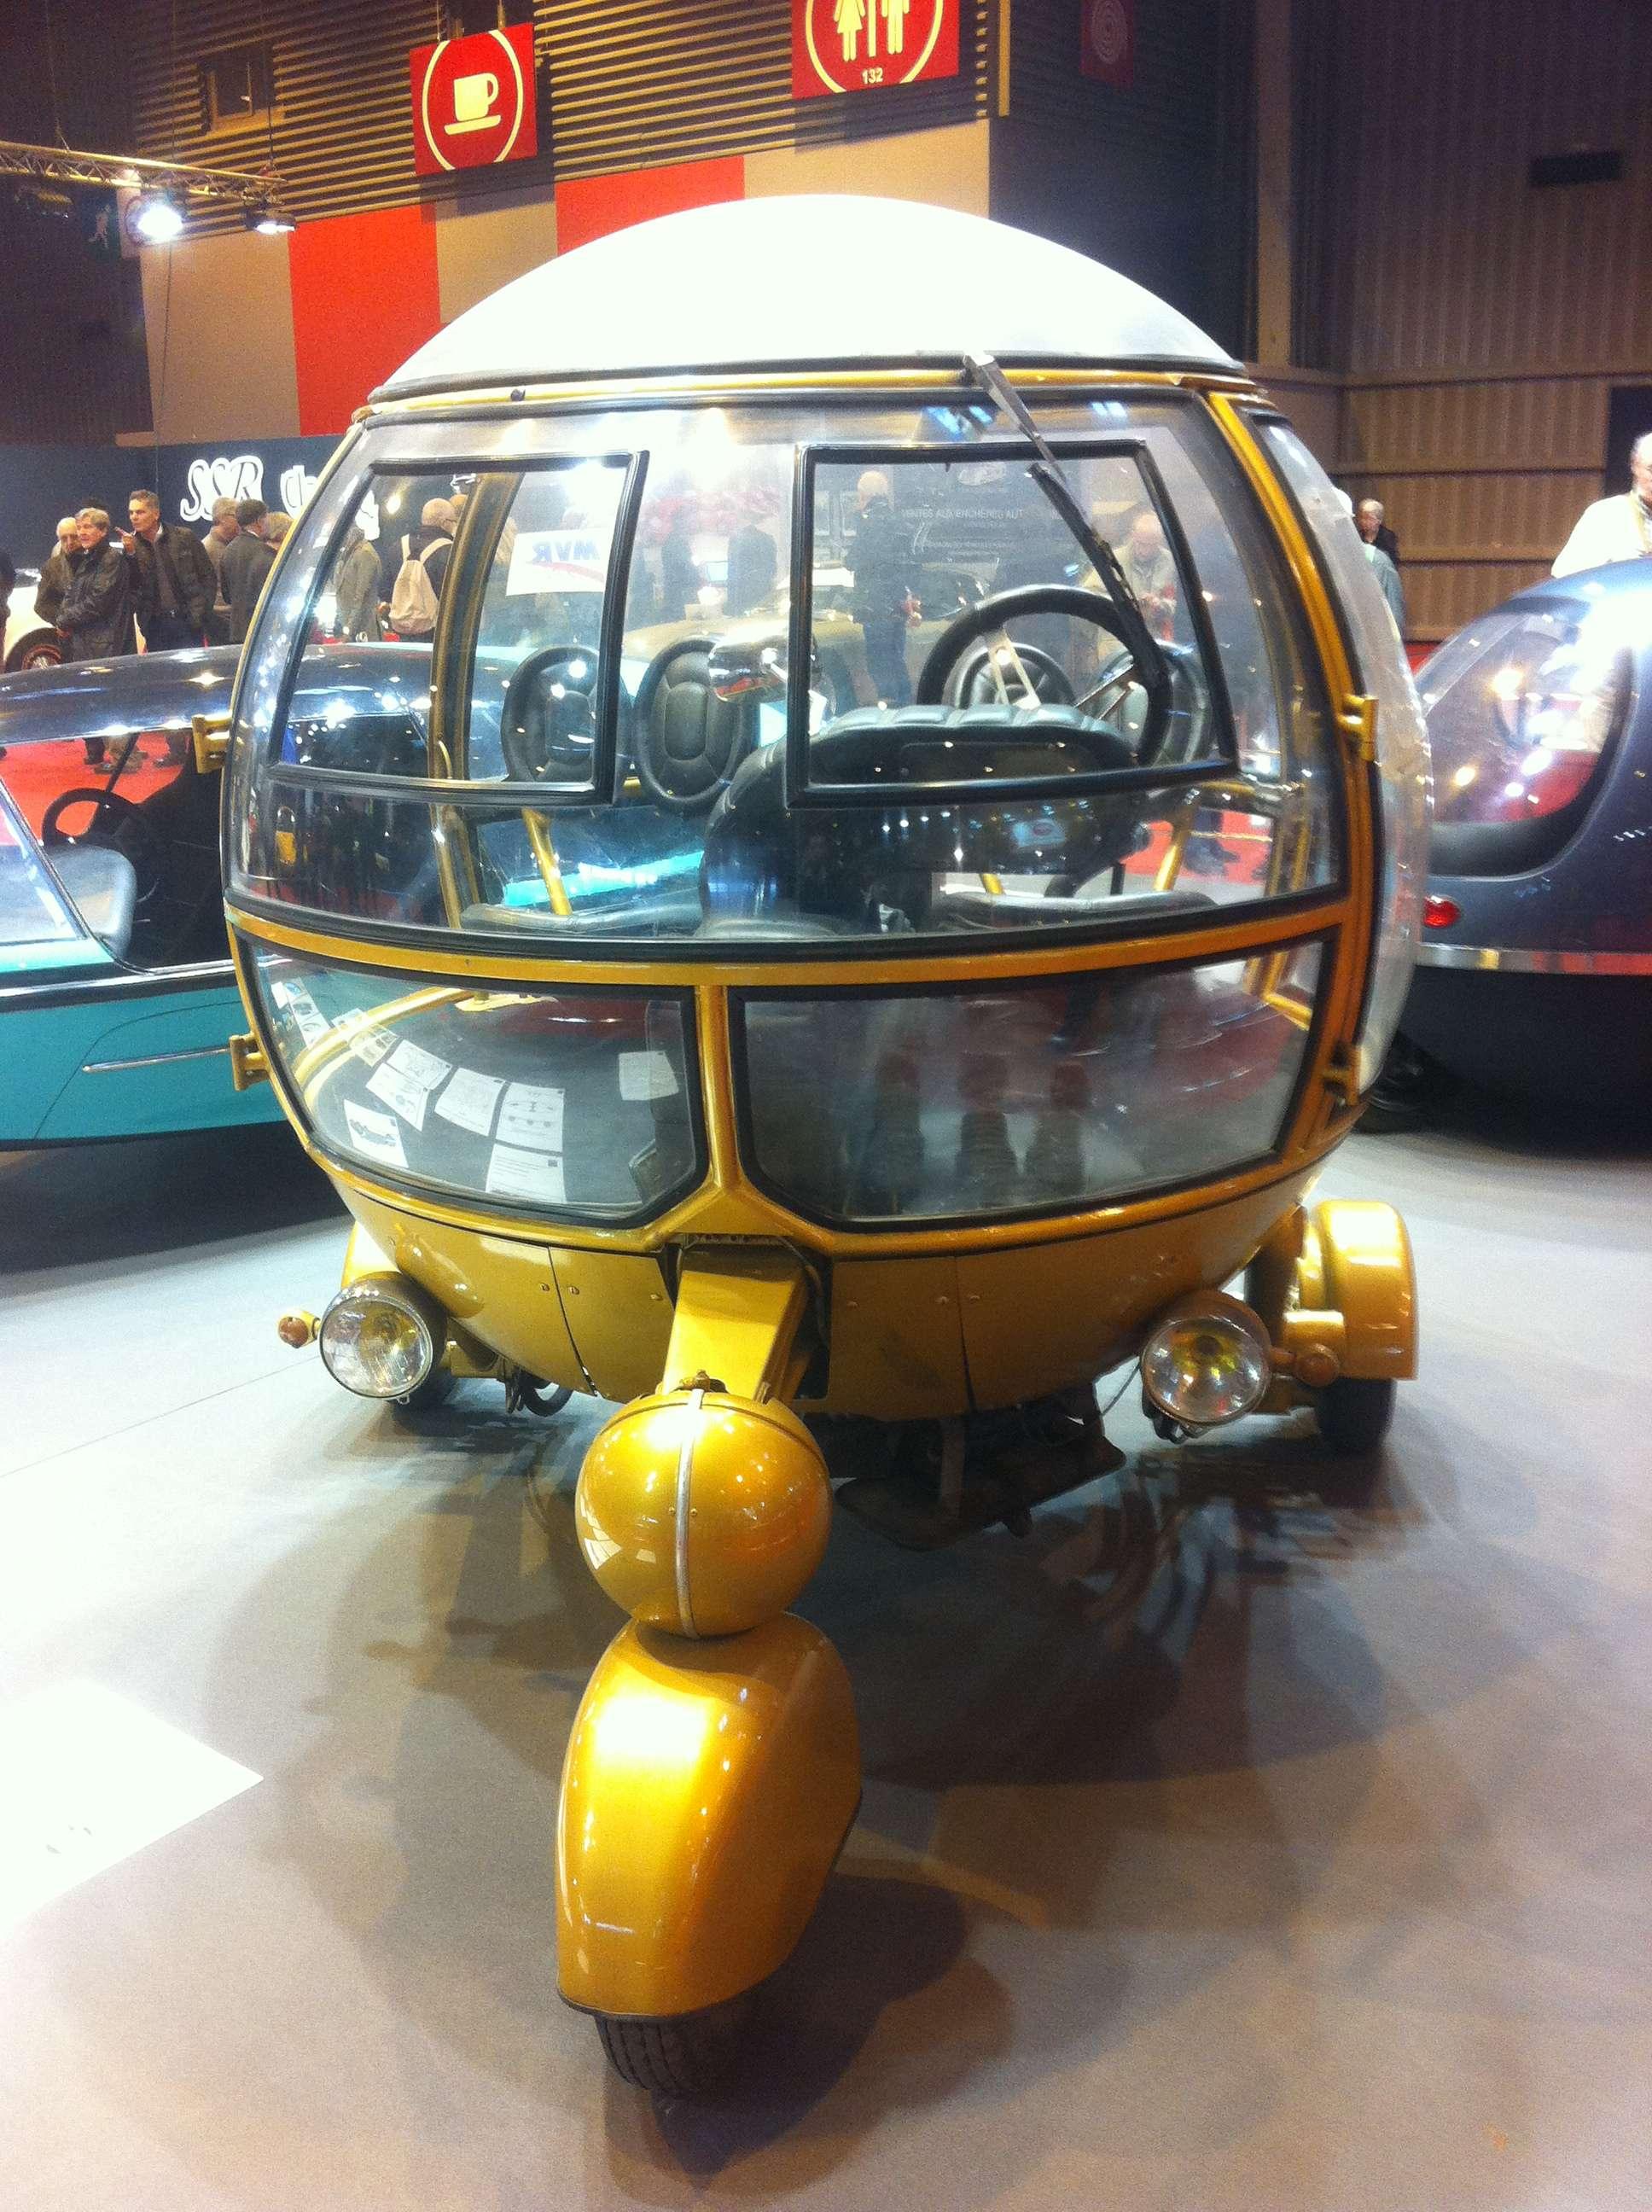 Automodule, masinà sfericà parcà iesità dintr-un film SF